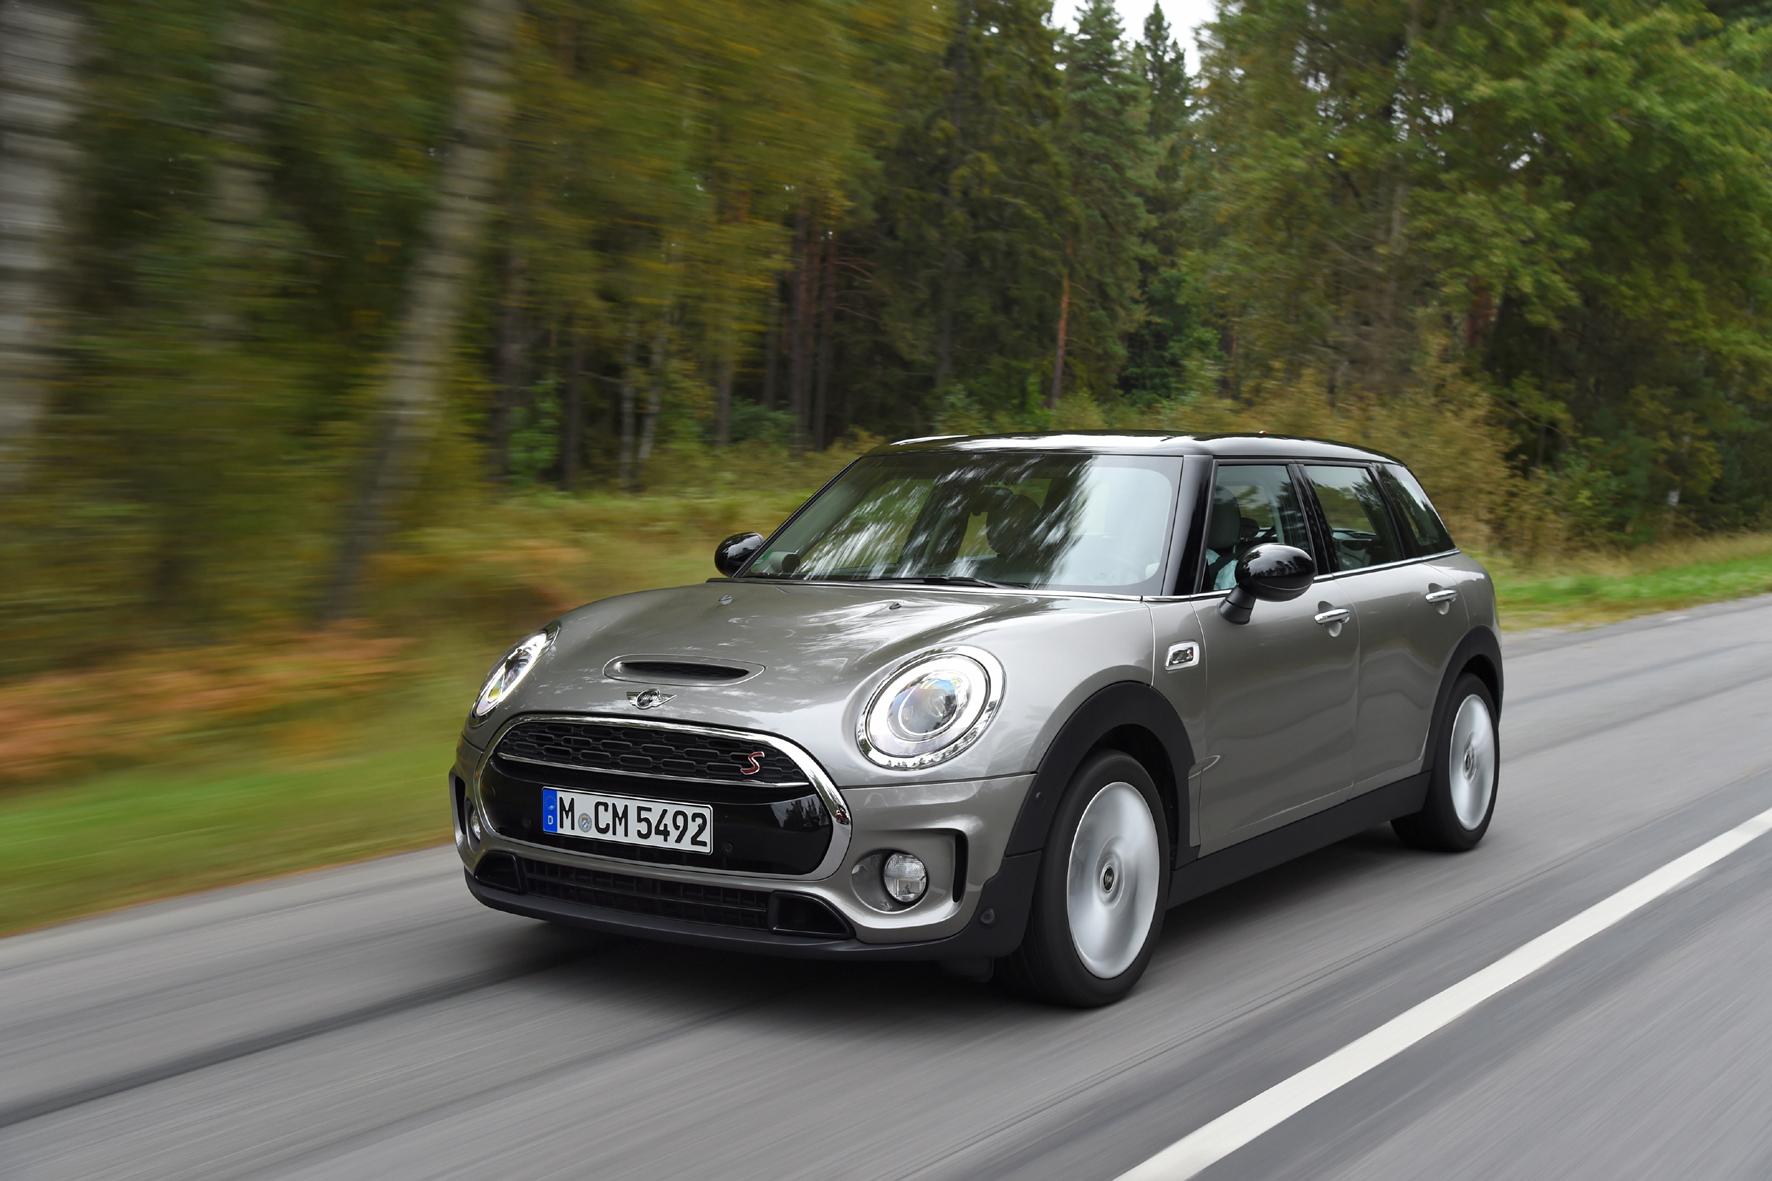 Cooles Gefährt: der neue Mini Clubman - Das Fahrzeug hat an ...